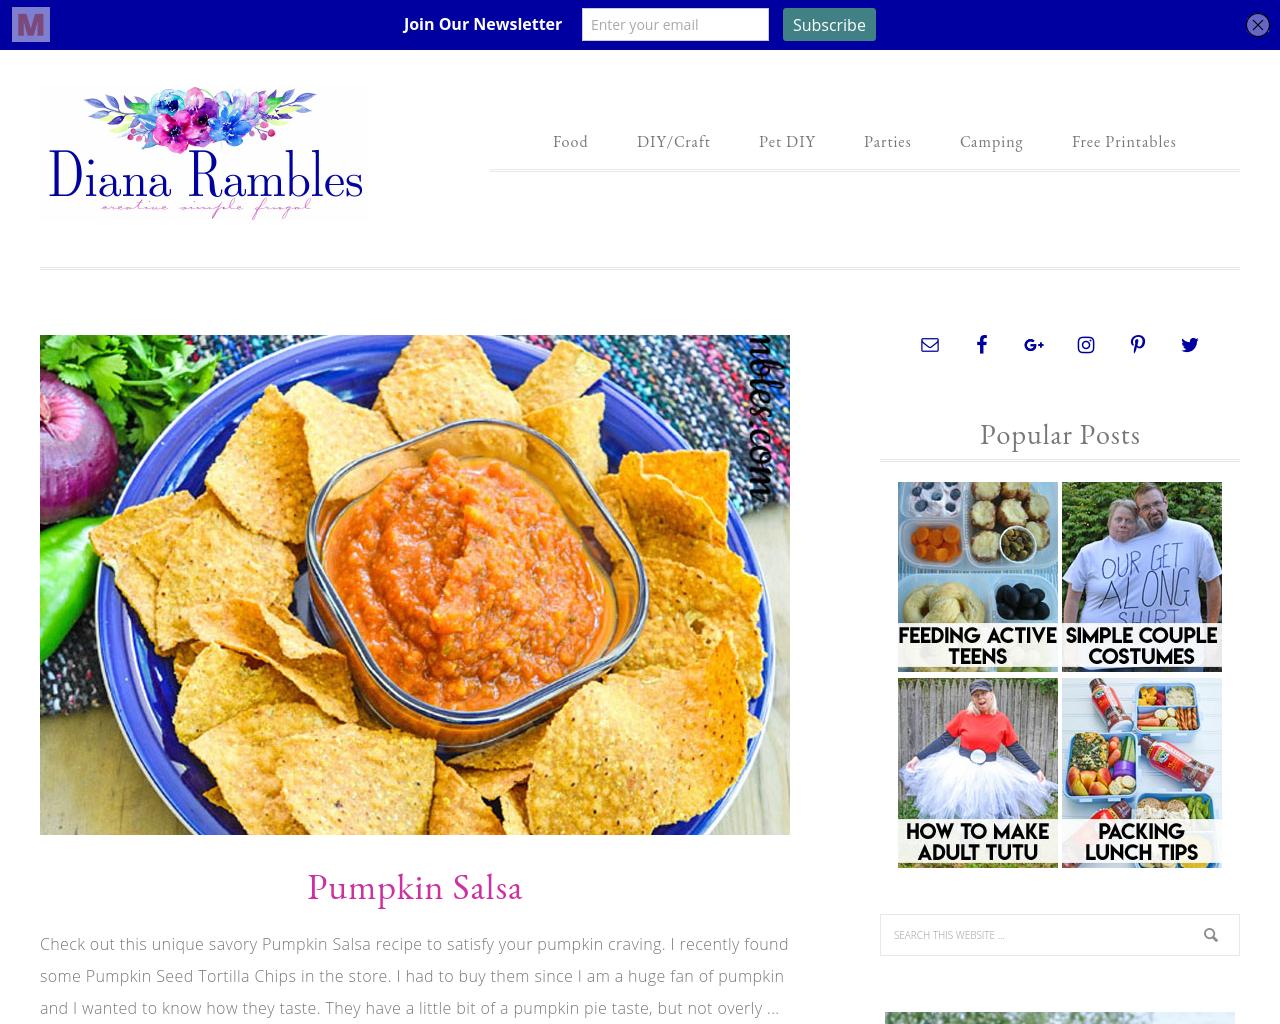 Diana-Rambles-Advertising-Reviews-Pricing